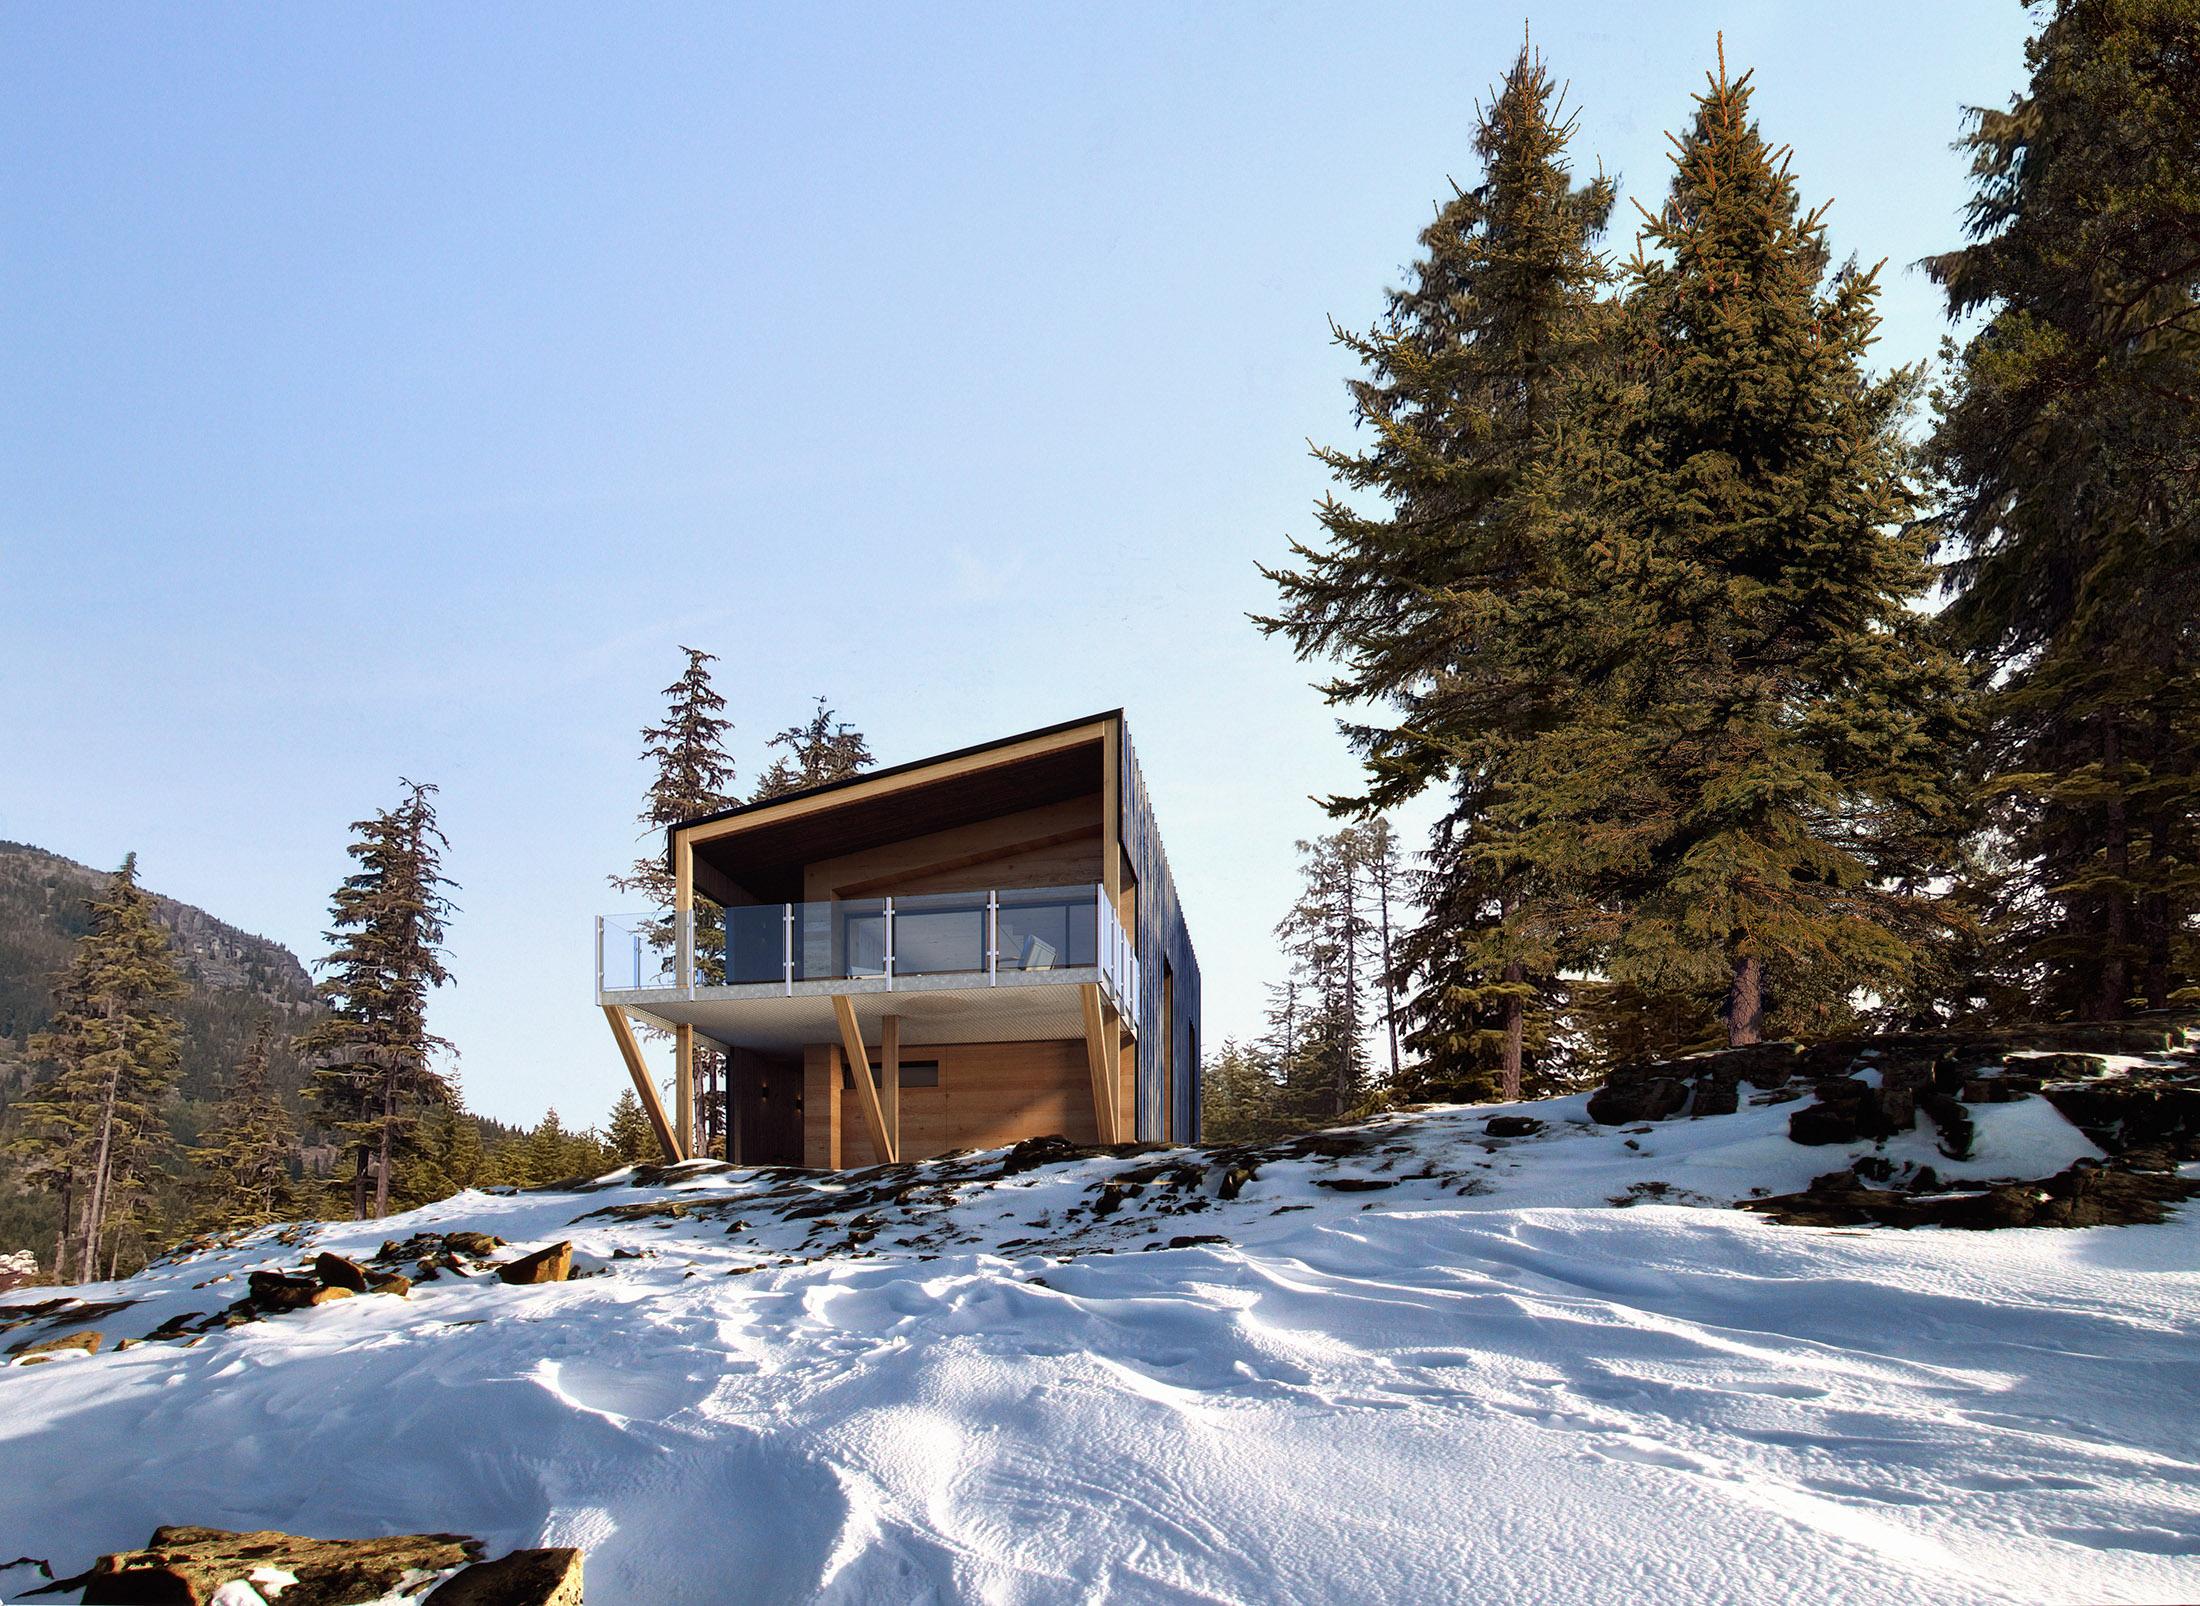 Perkins & Will, Mountain Residence, EEUU, 2020